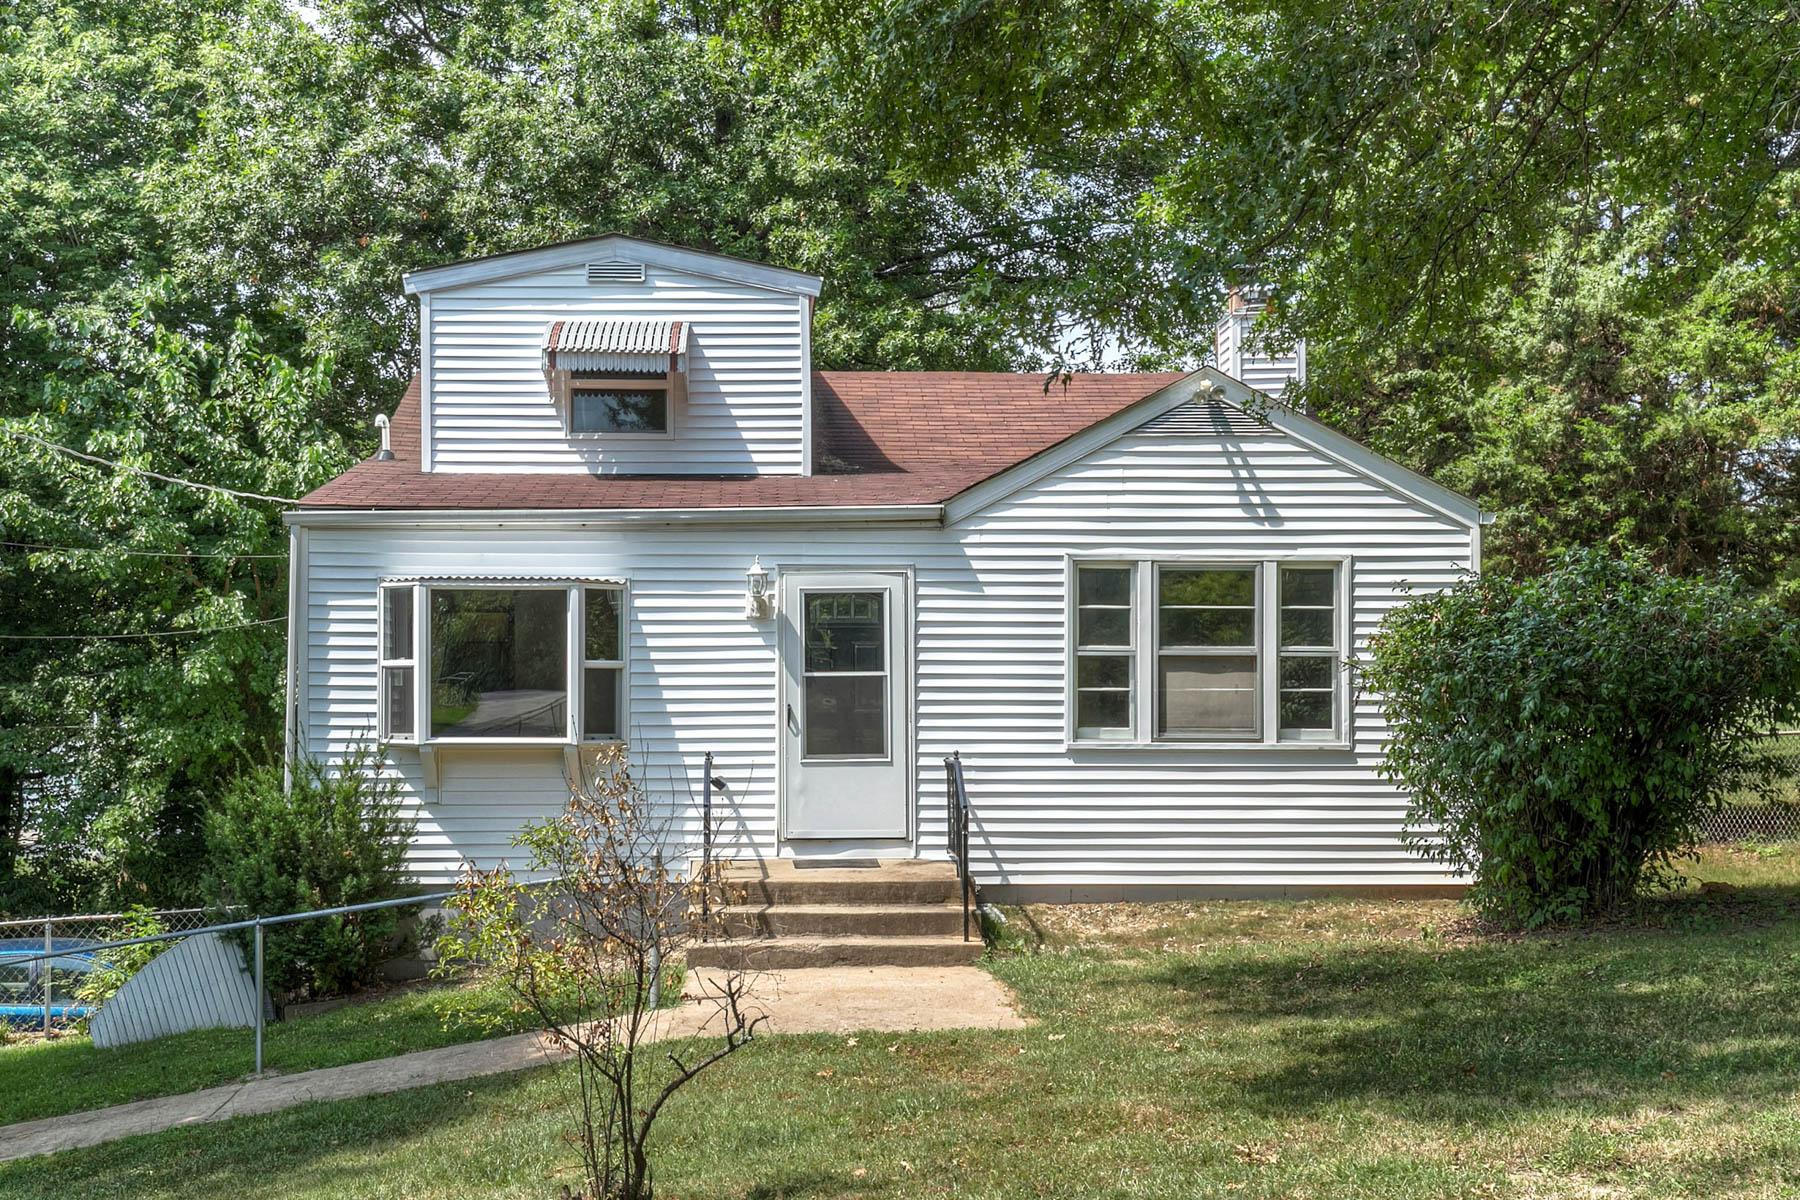 Частный односемейный дом для того Продажа на Orchard 3905 Orchard Arnold, Миссури 63010 Соединенные Штаты